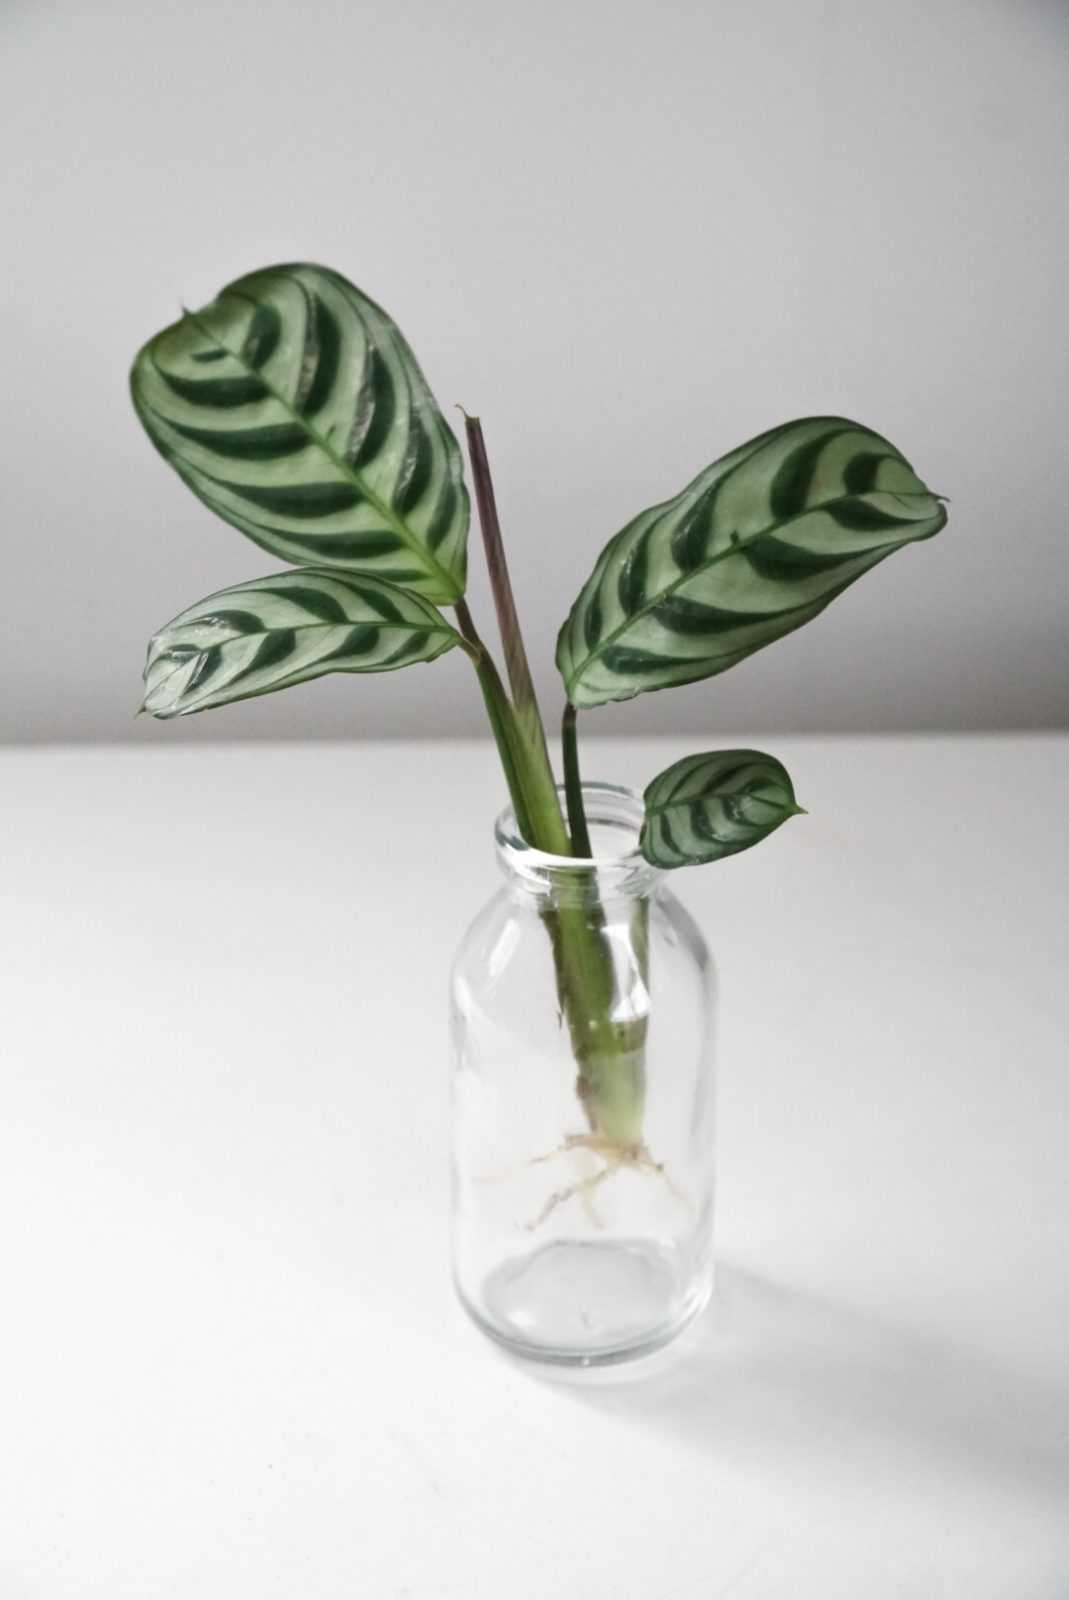 ctenanthe gebedsplant burle marxii amagris plant plantje stek stekje terracotta pot potje glas glaasje stekglas